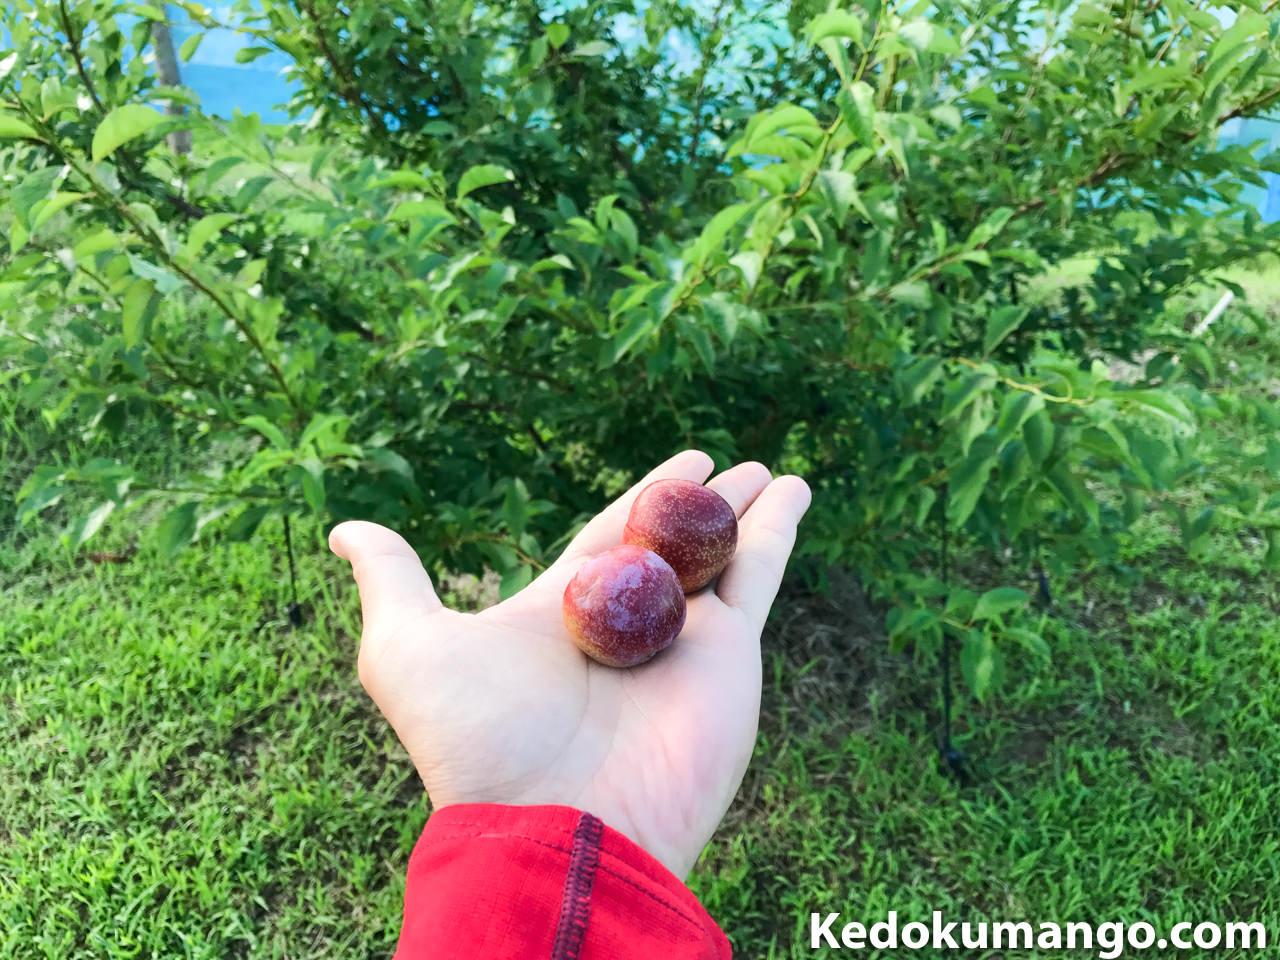 収穫した「すもも」の果実